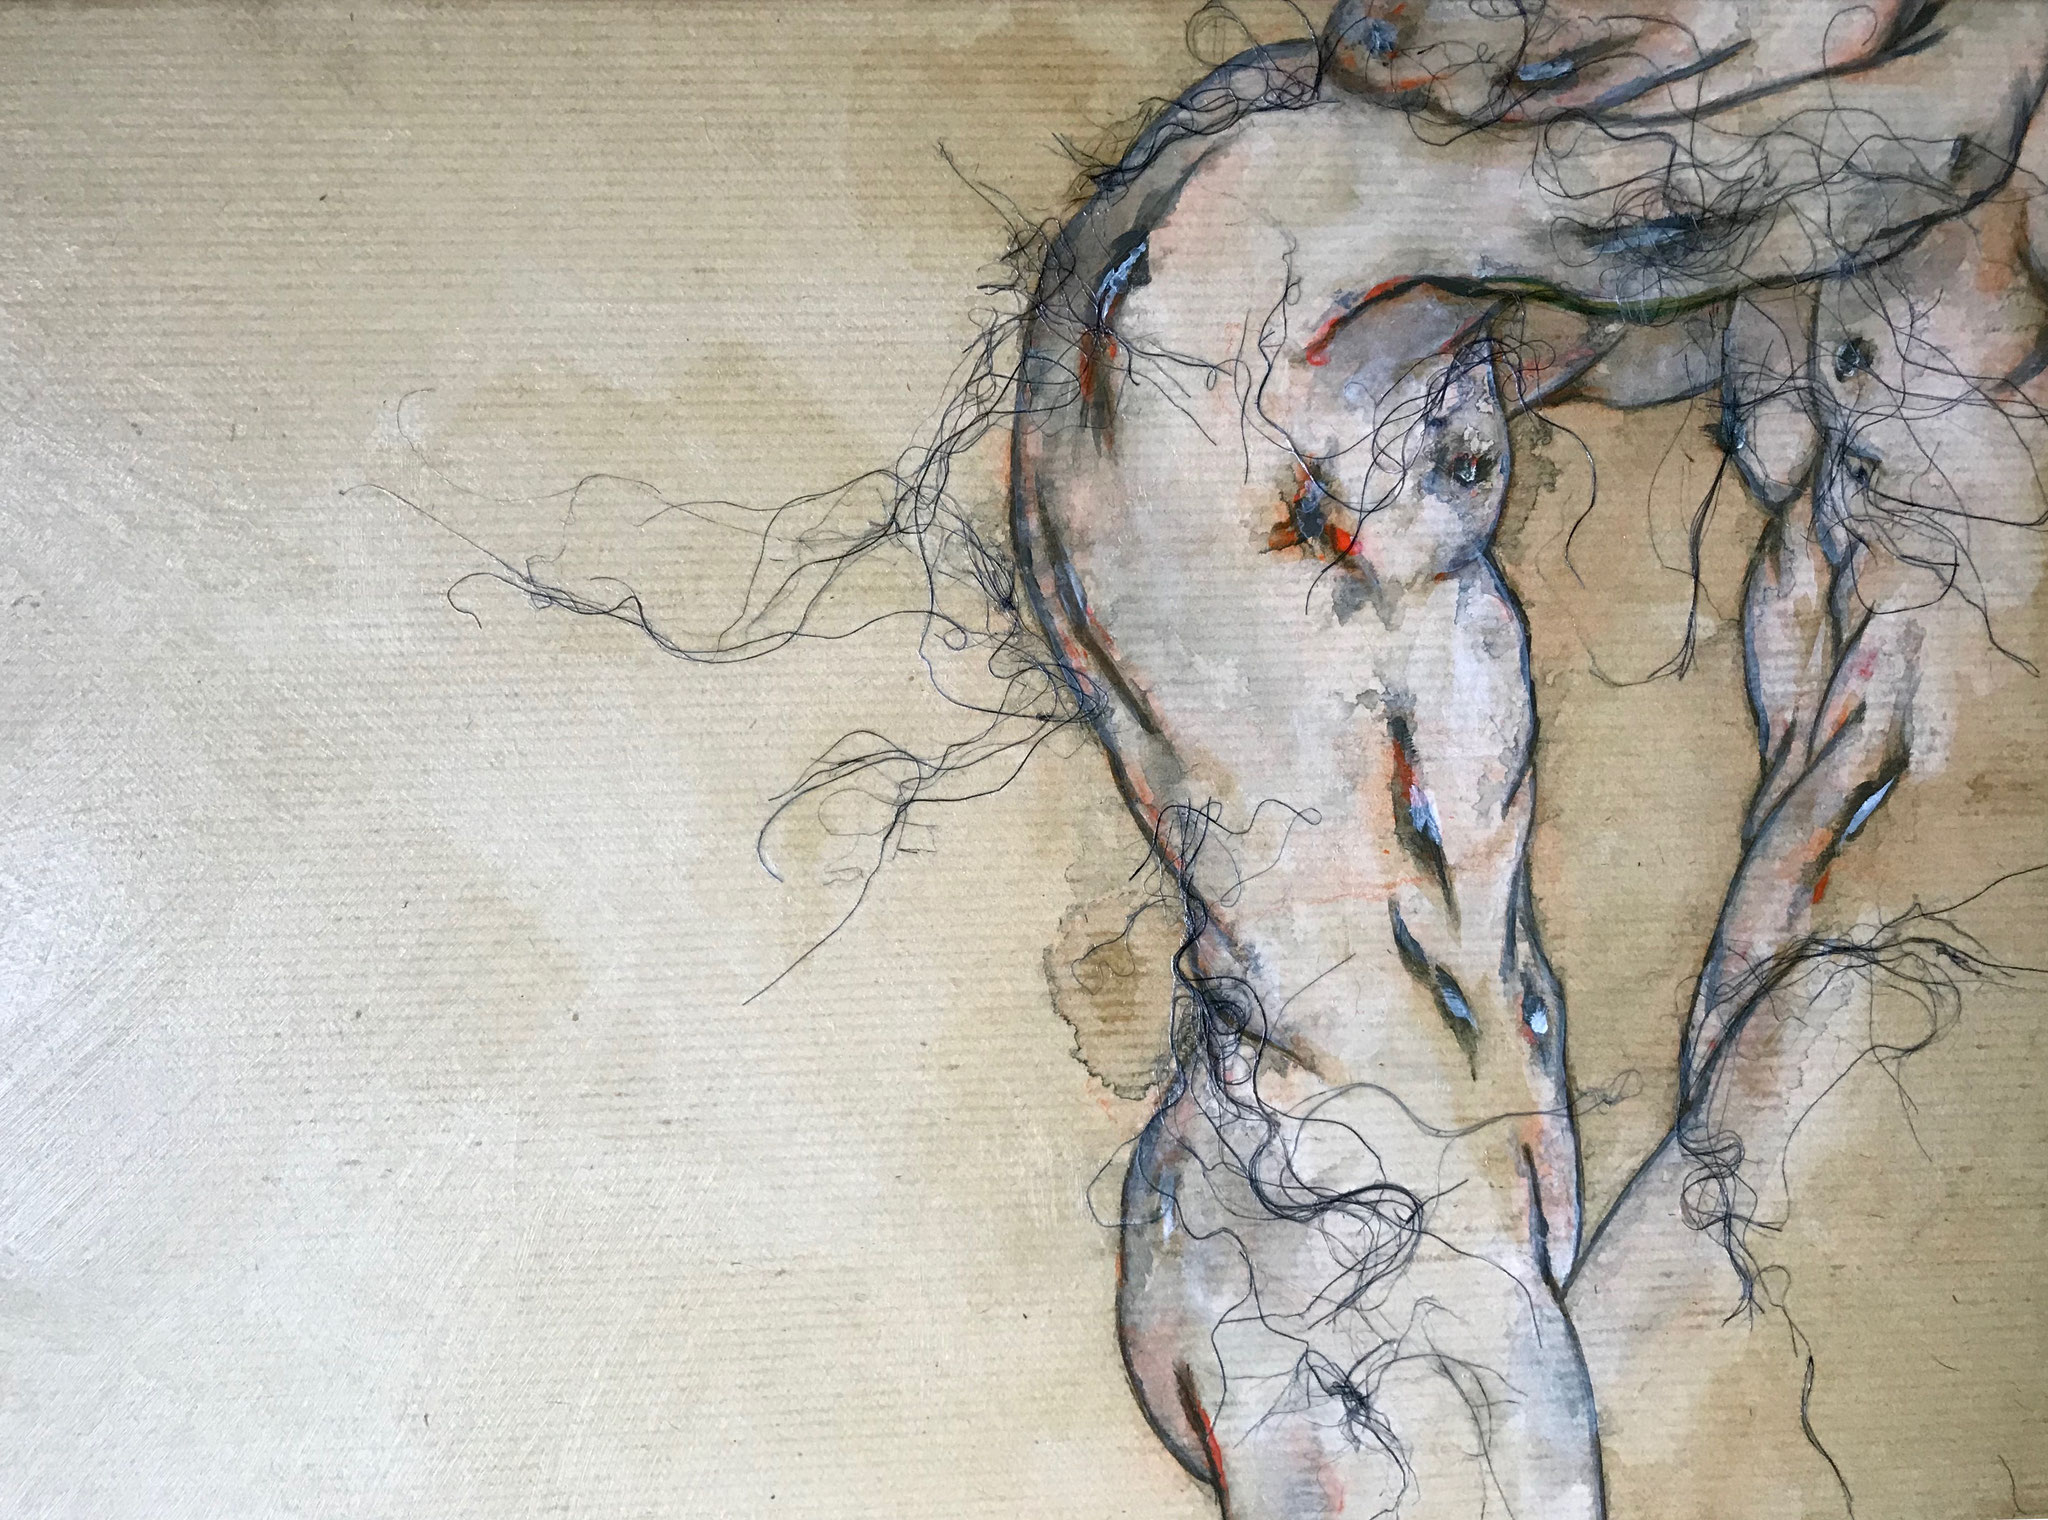 Enlacés, 41 x 27 cm, 2017 - Collection particulière.